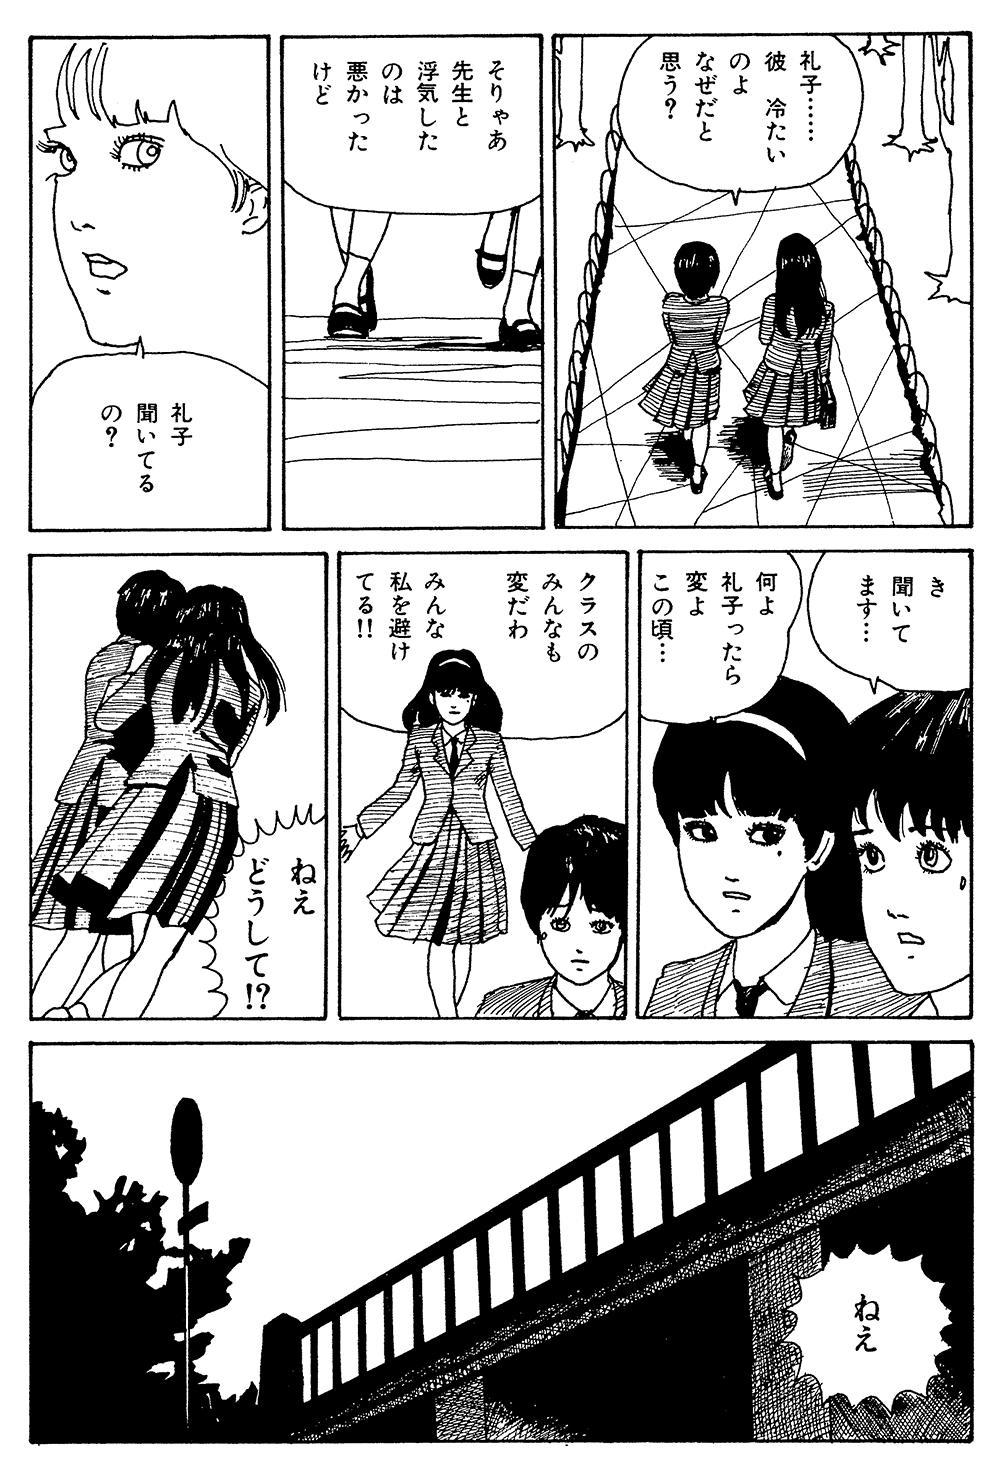 伊藤潤二傑作集 第1話「富江」①tomie1-1-10.jpg